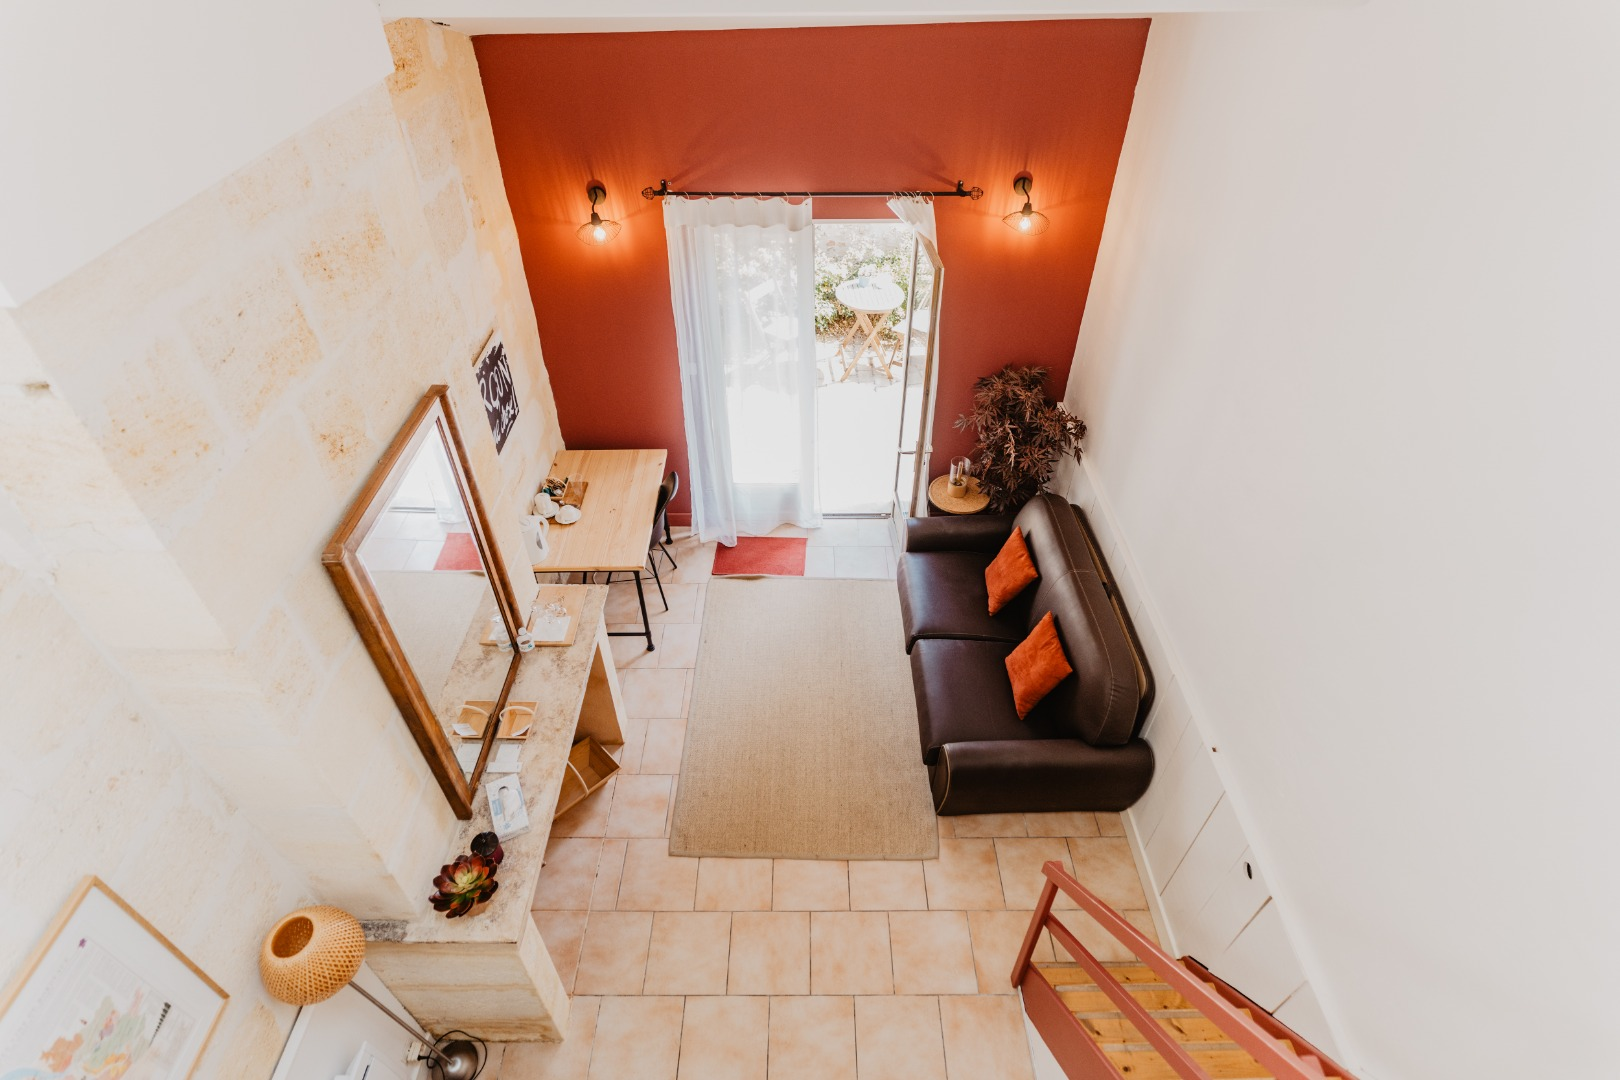 Location chambre duplex avec vue sur jardin proche de Bordeaux